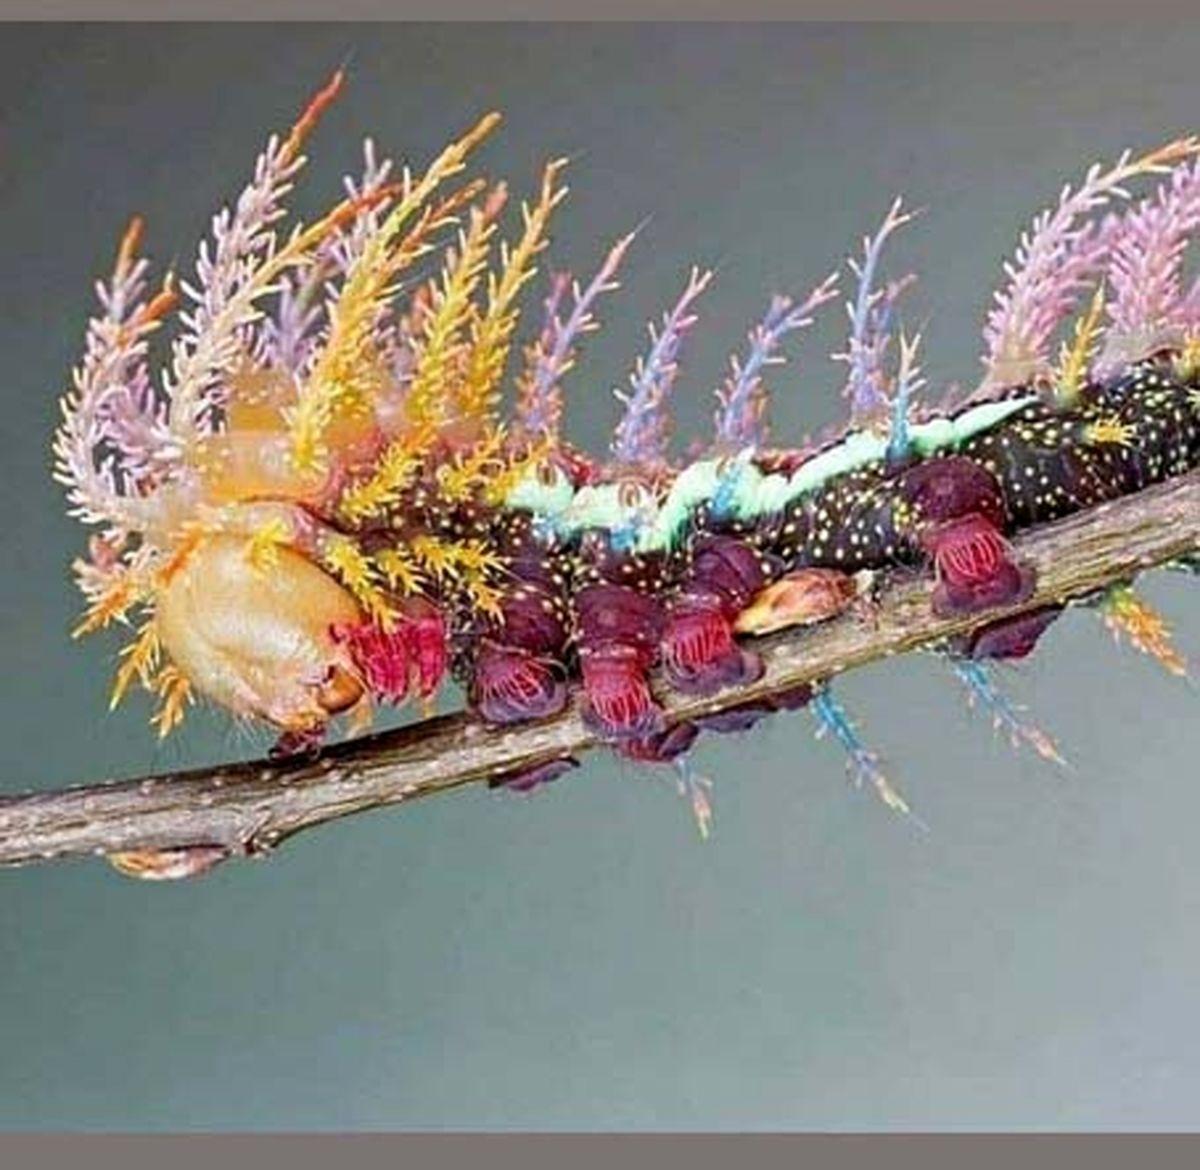 عکس: زیبا ترین گونه های کرم ابریشم!